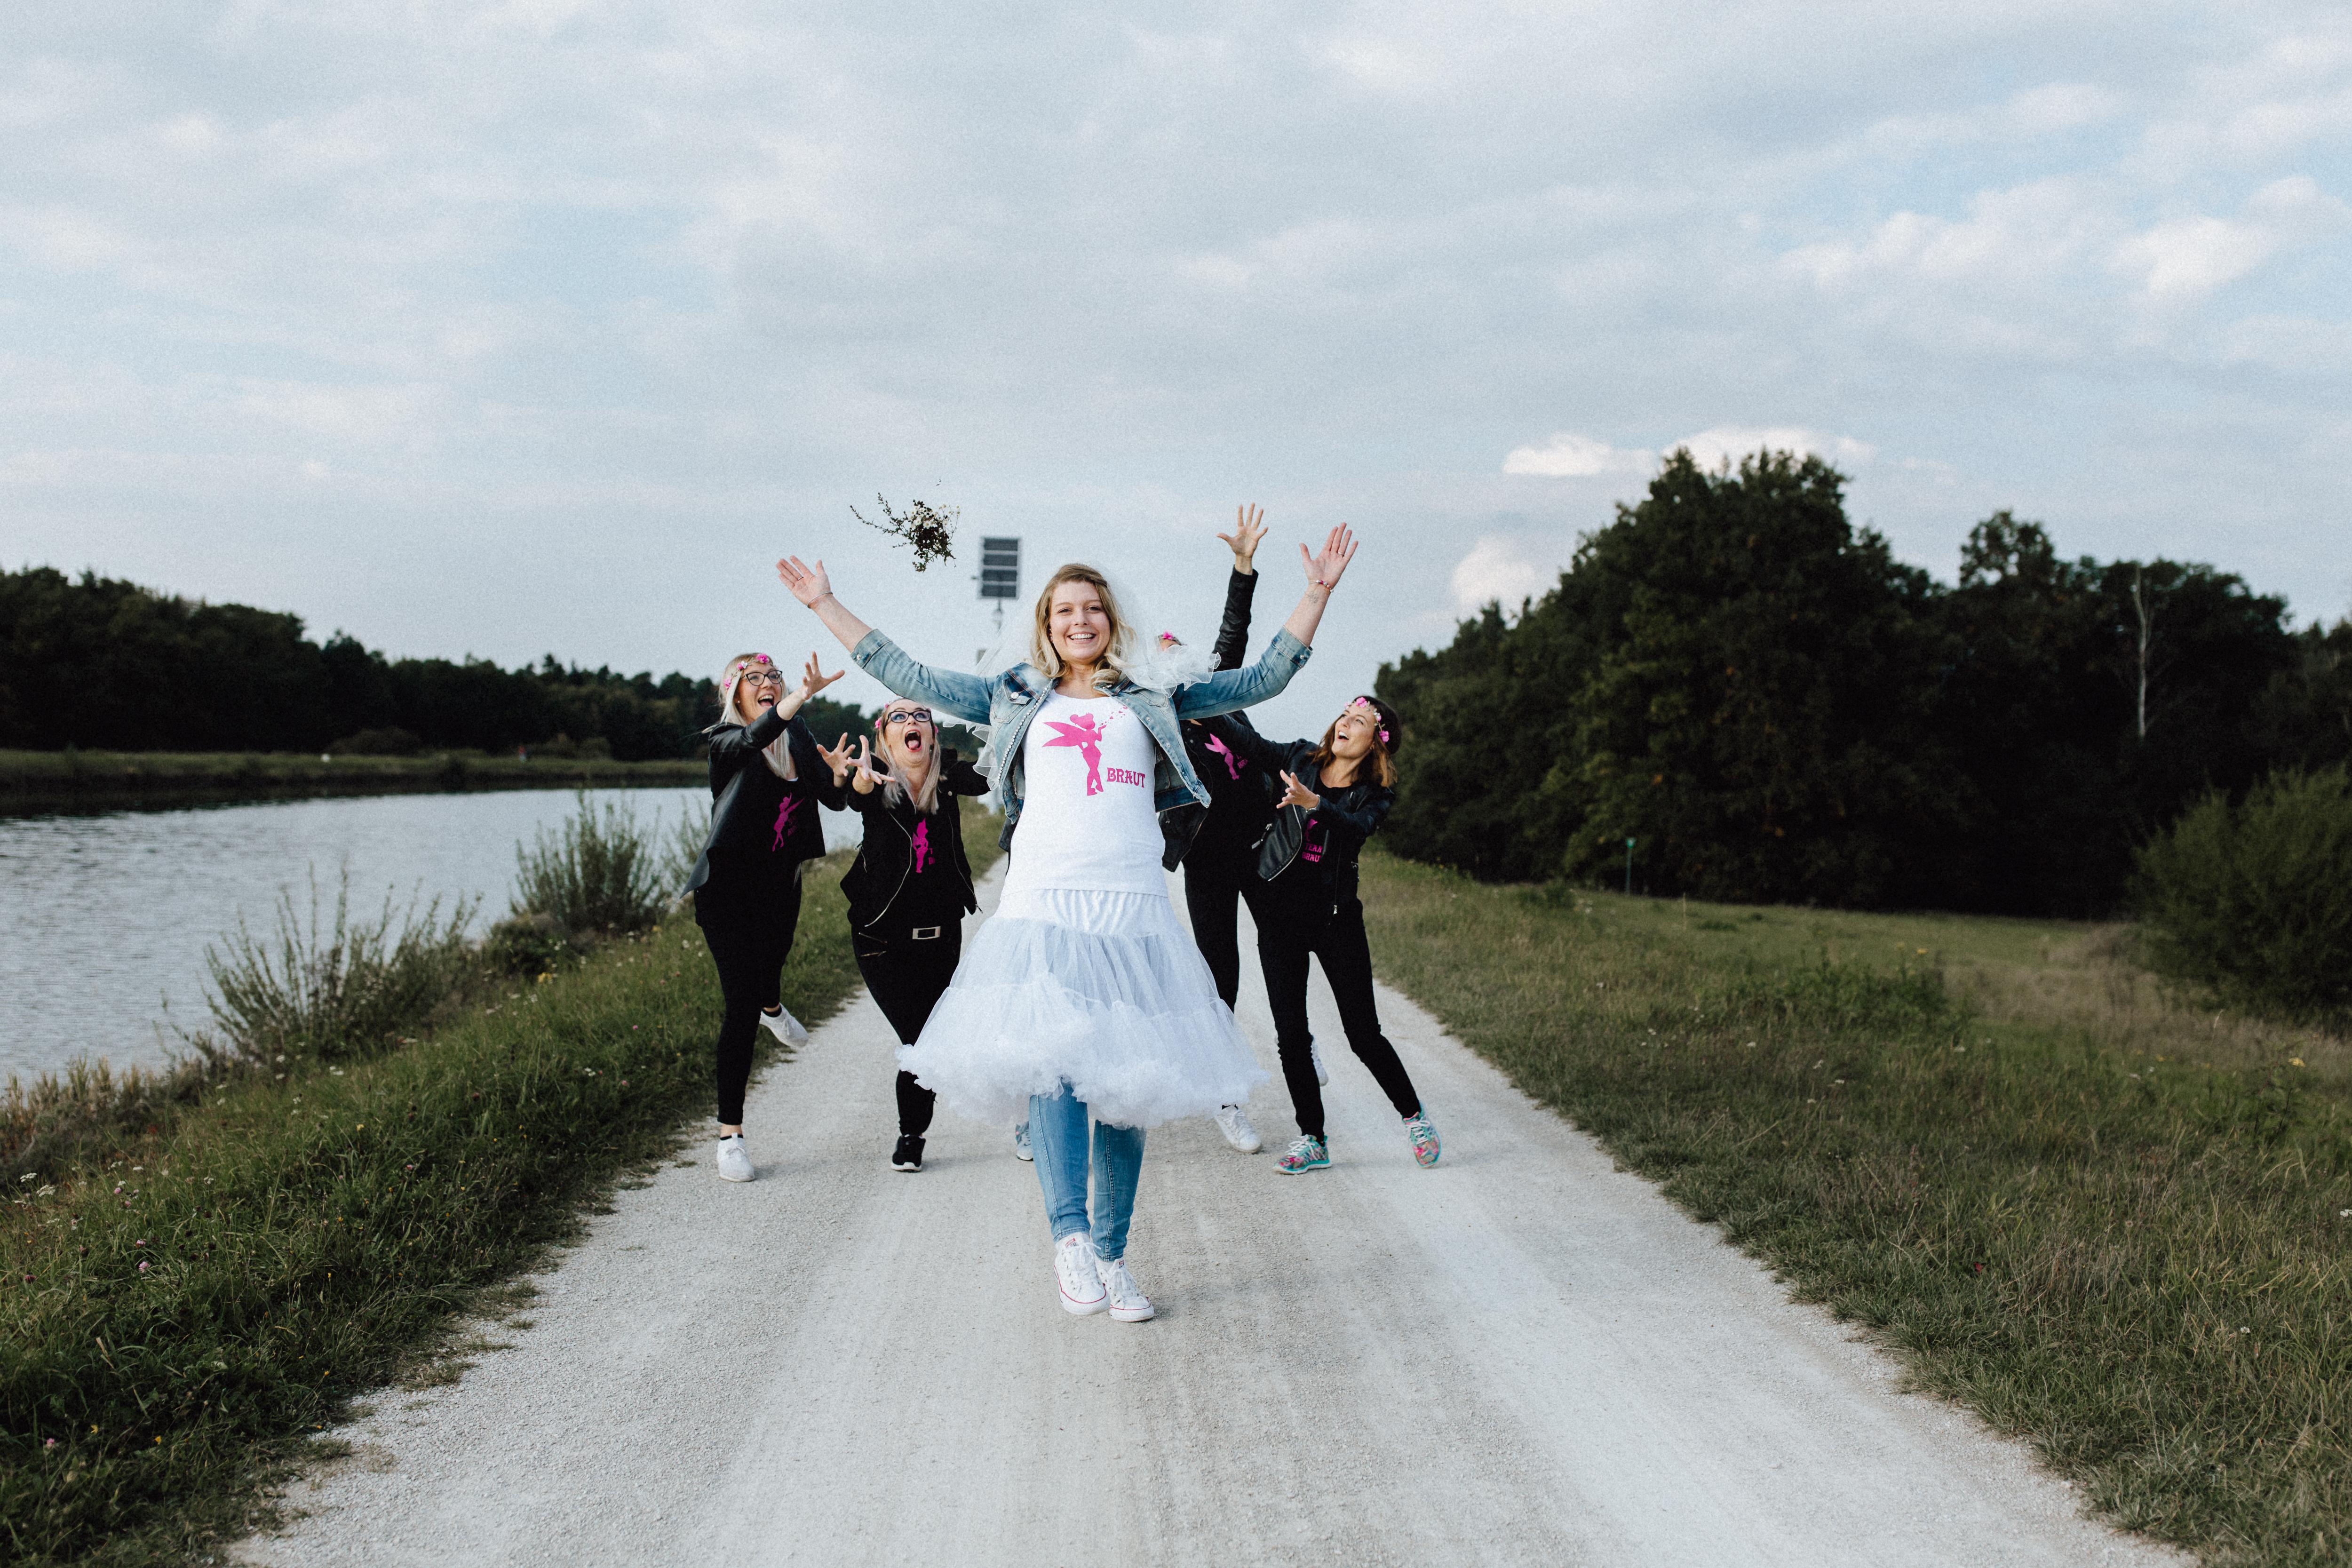 URBANERIE_Daniela_Goth_Hochzeitsfotografin_Nürnberg_Fürth_Erlangen_Schwabach_170923_0086